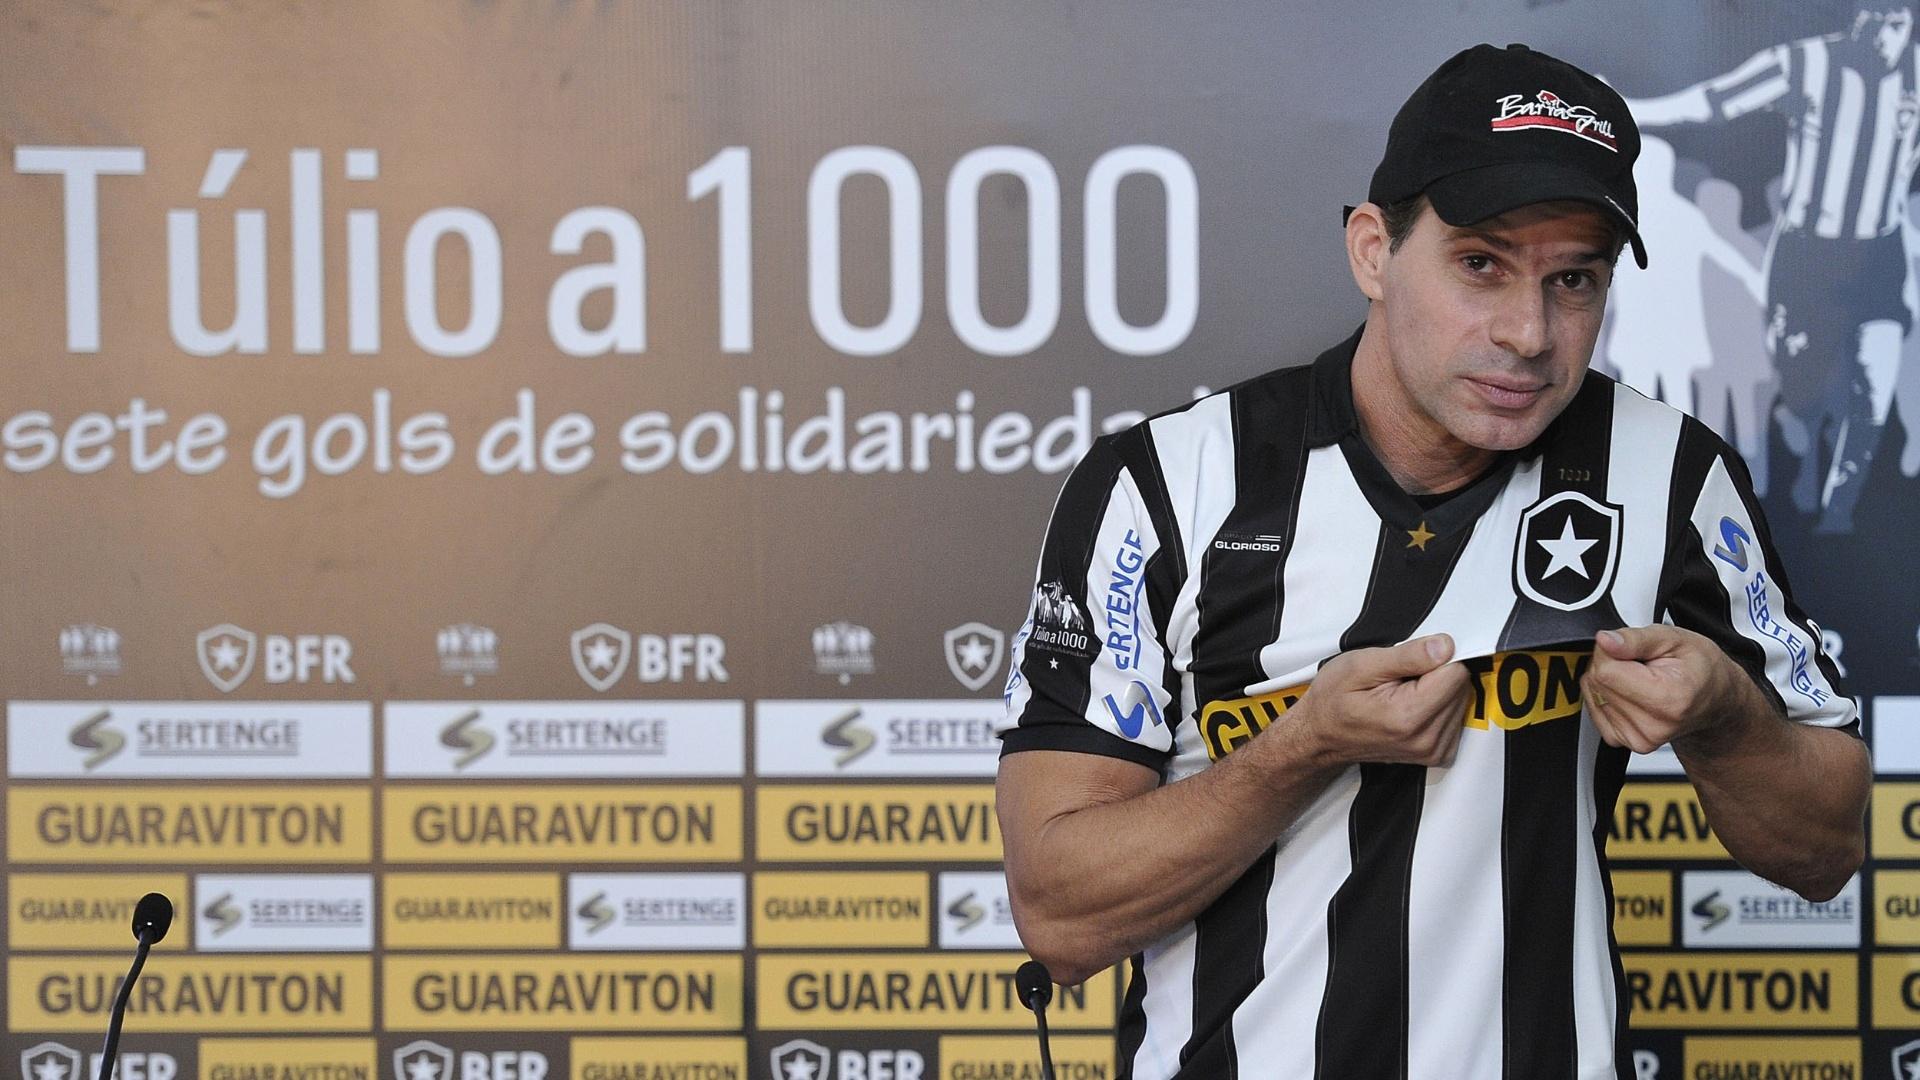 Túlio foi apresentado pelo Botafogo e tentará marcar o milésimo gol da carreira com a camisa alvinegra